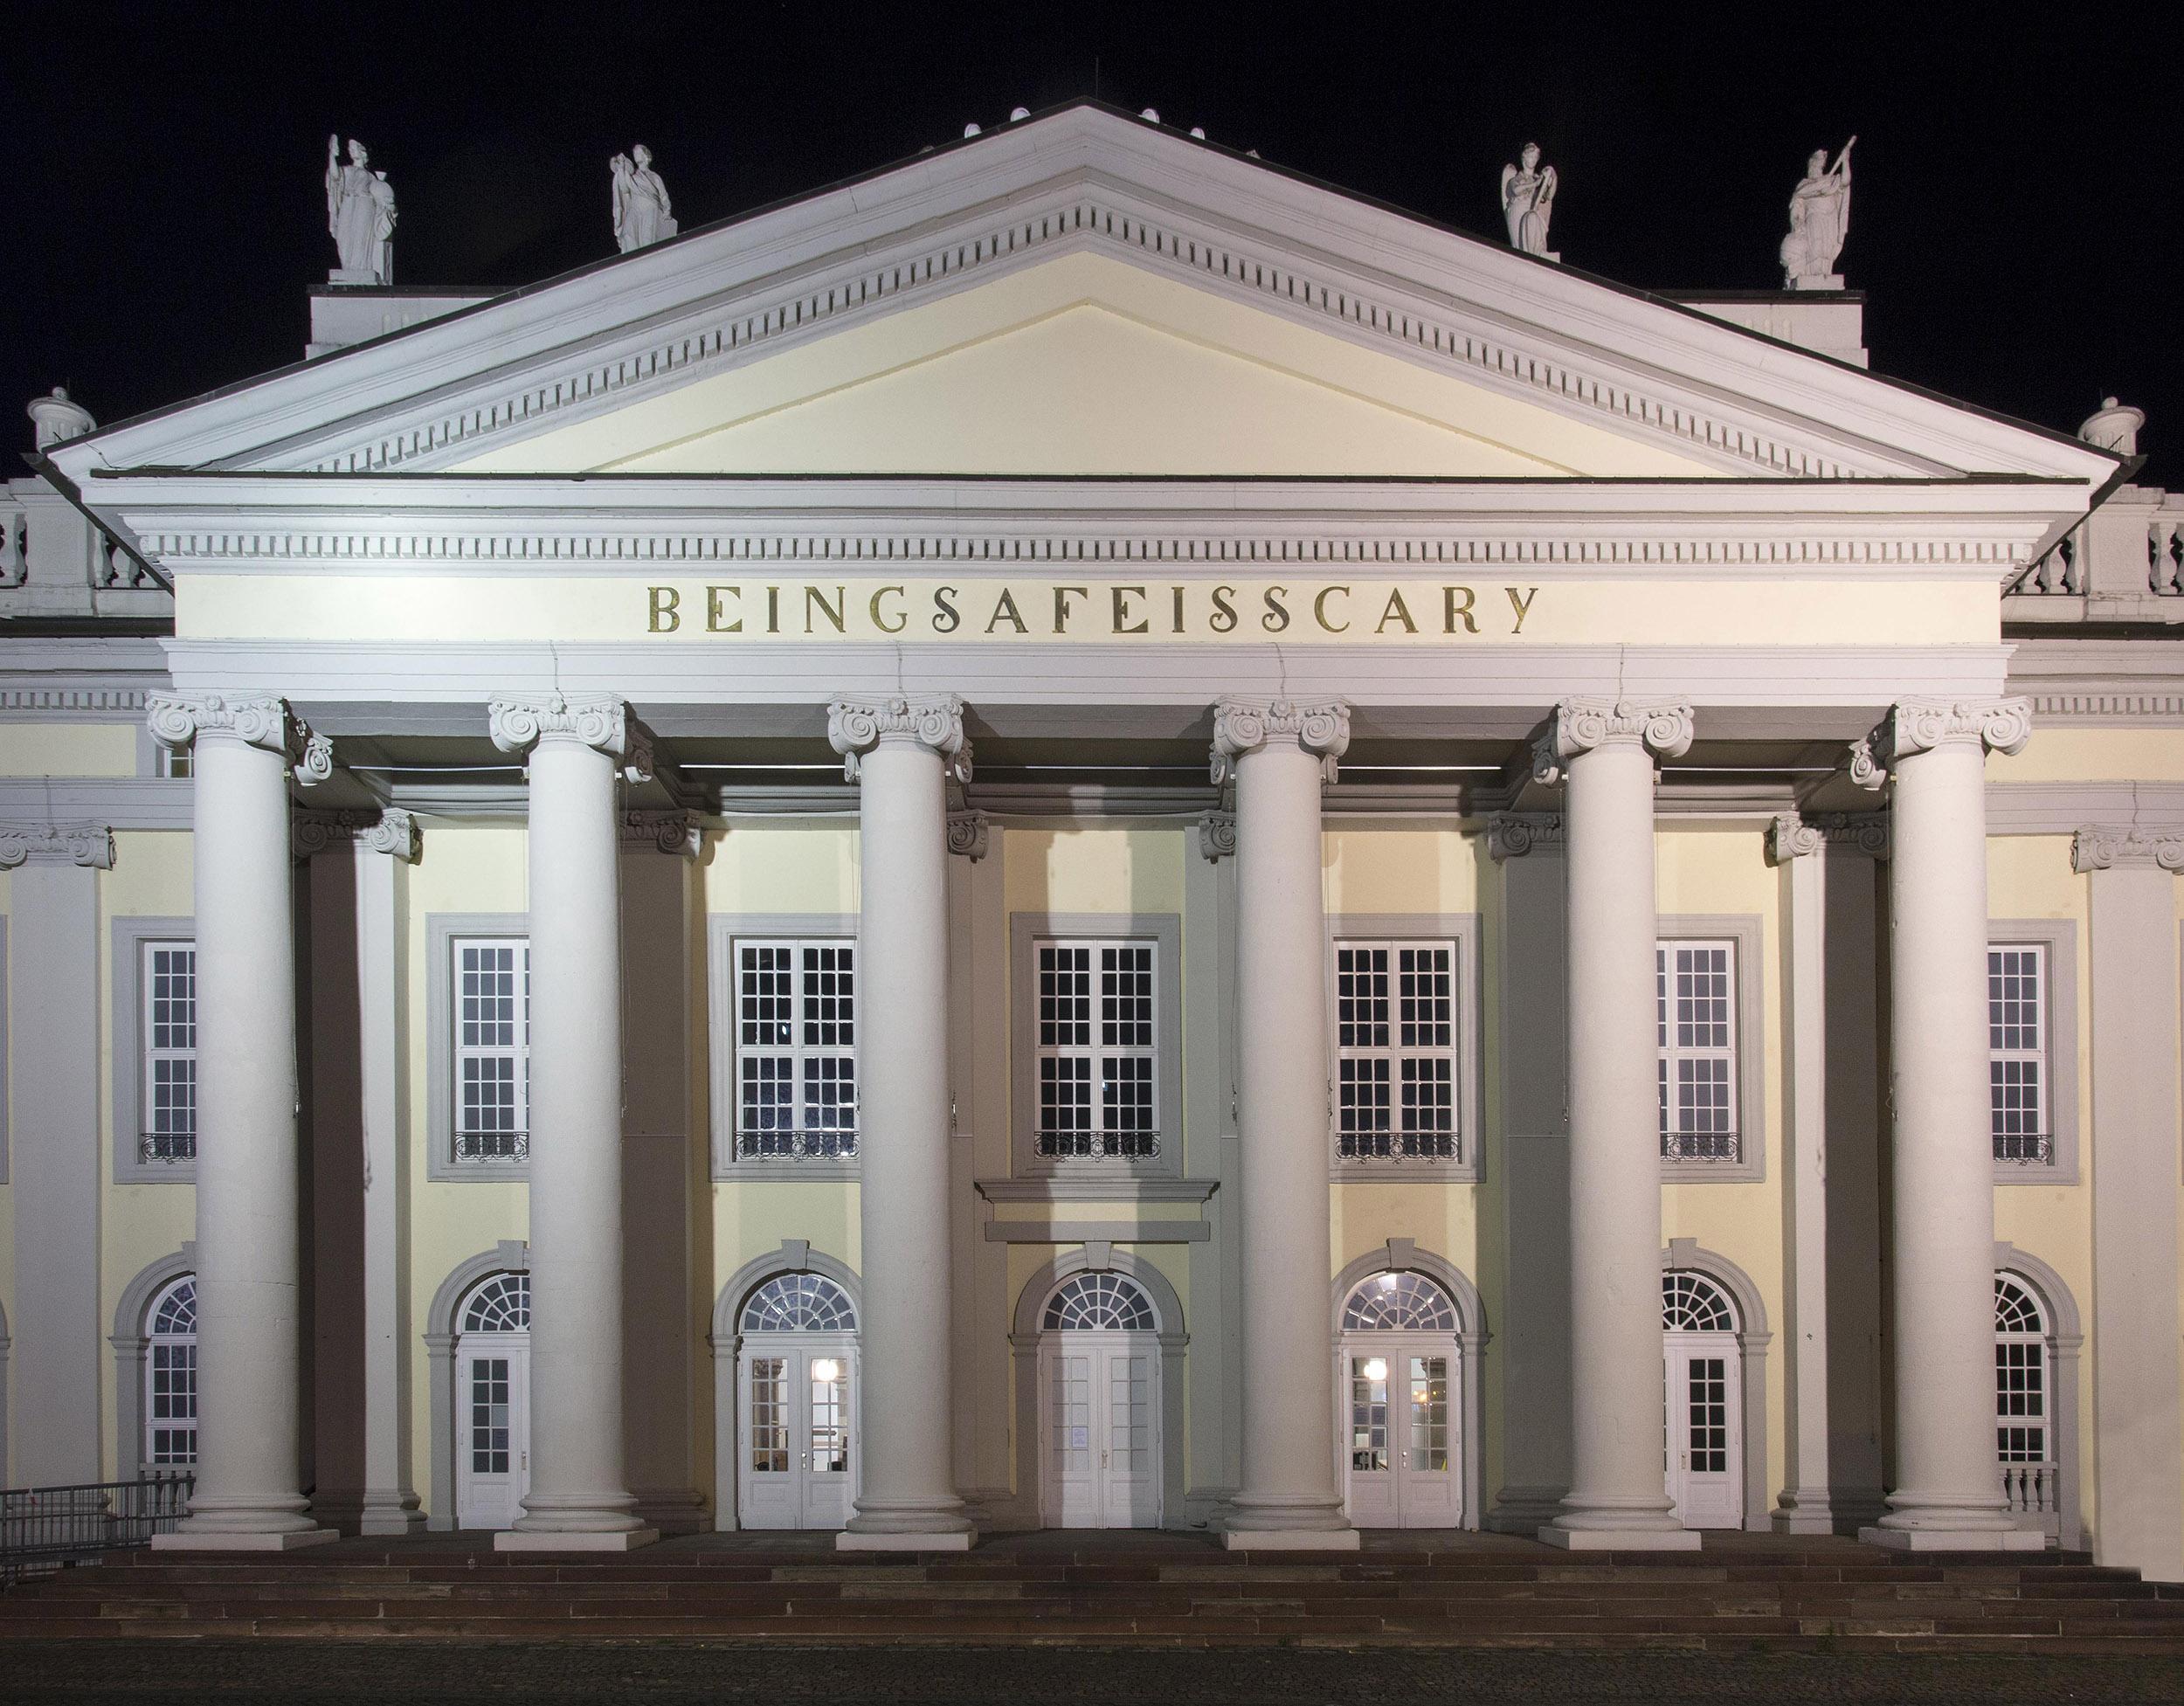 Banu Cennetoğlu , BEINGSAFEISSCARY , 2017, various materials, Friedrichsplatz, Kassel, documenta 14, photo: Roman März